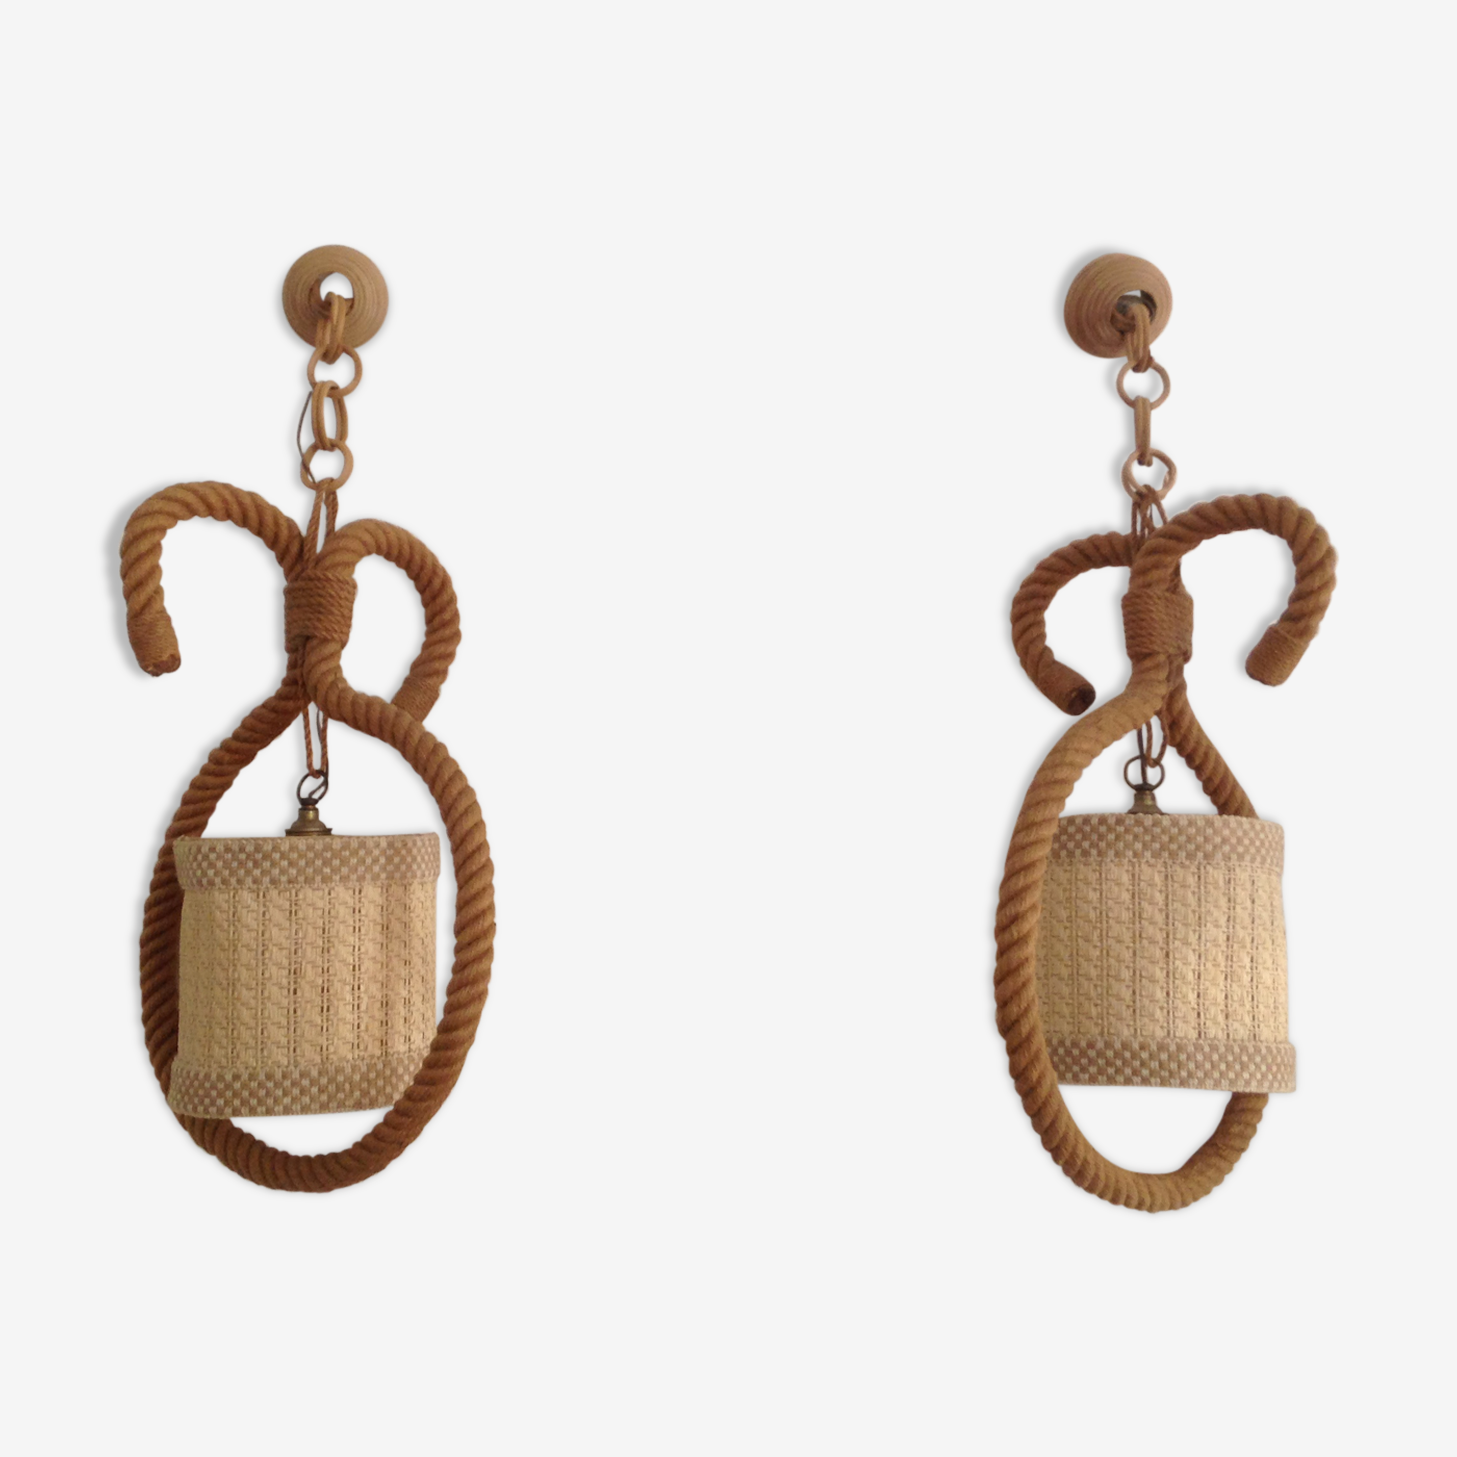 Pair of hanging lamp